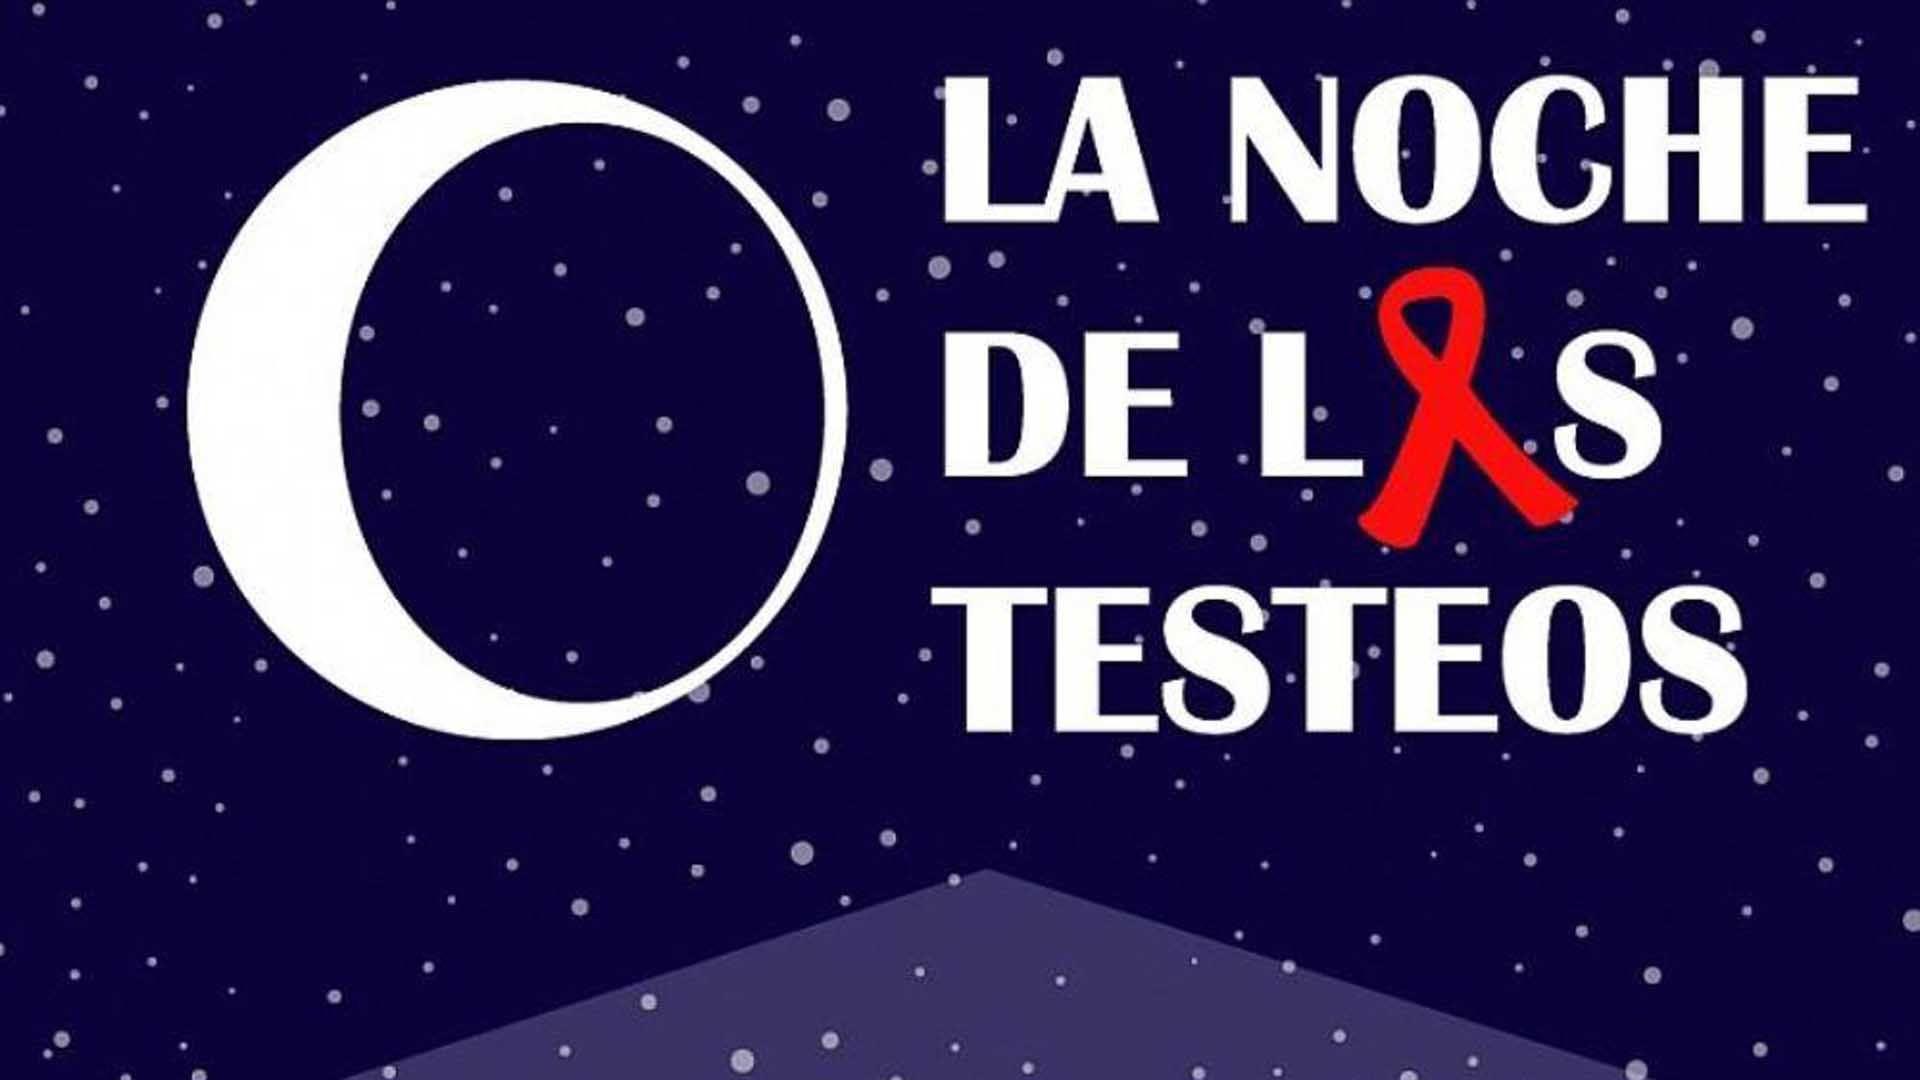 En un contexto de COVID-19 en donde disminuyeron 39% las consultas de pacientes en tratamiento por VIH, resulta fundamental conocer el status serológico